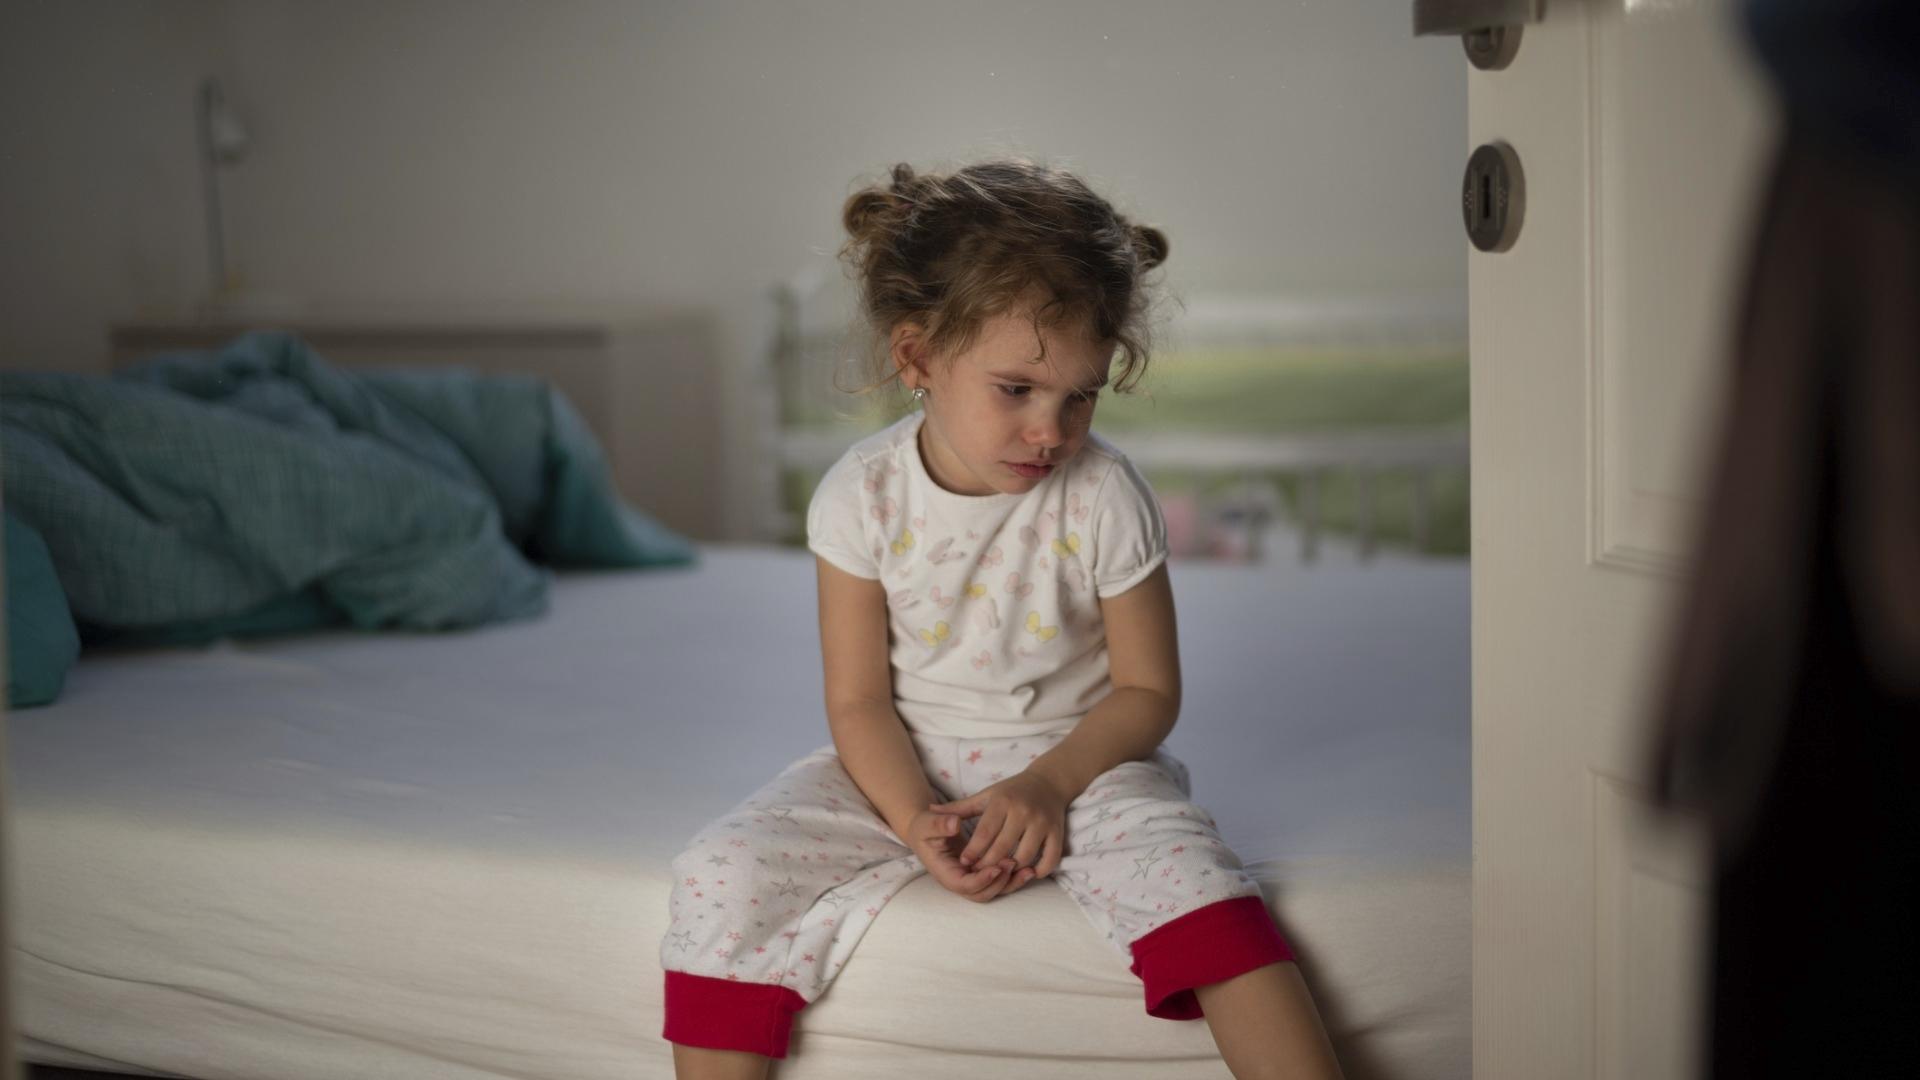 Etäopetuksessa pieni koululainen voi joutua viettämään päivän yksin kotona, jos vanhemmat ovat kodin ulkopuolella töissä.